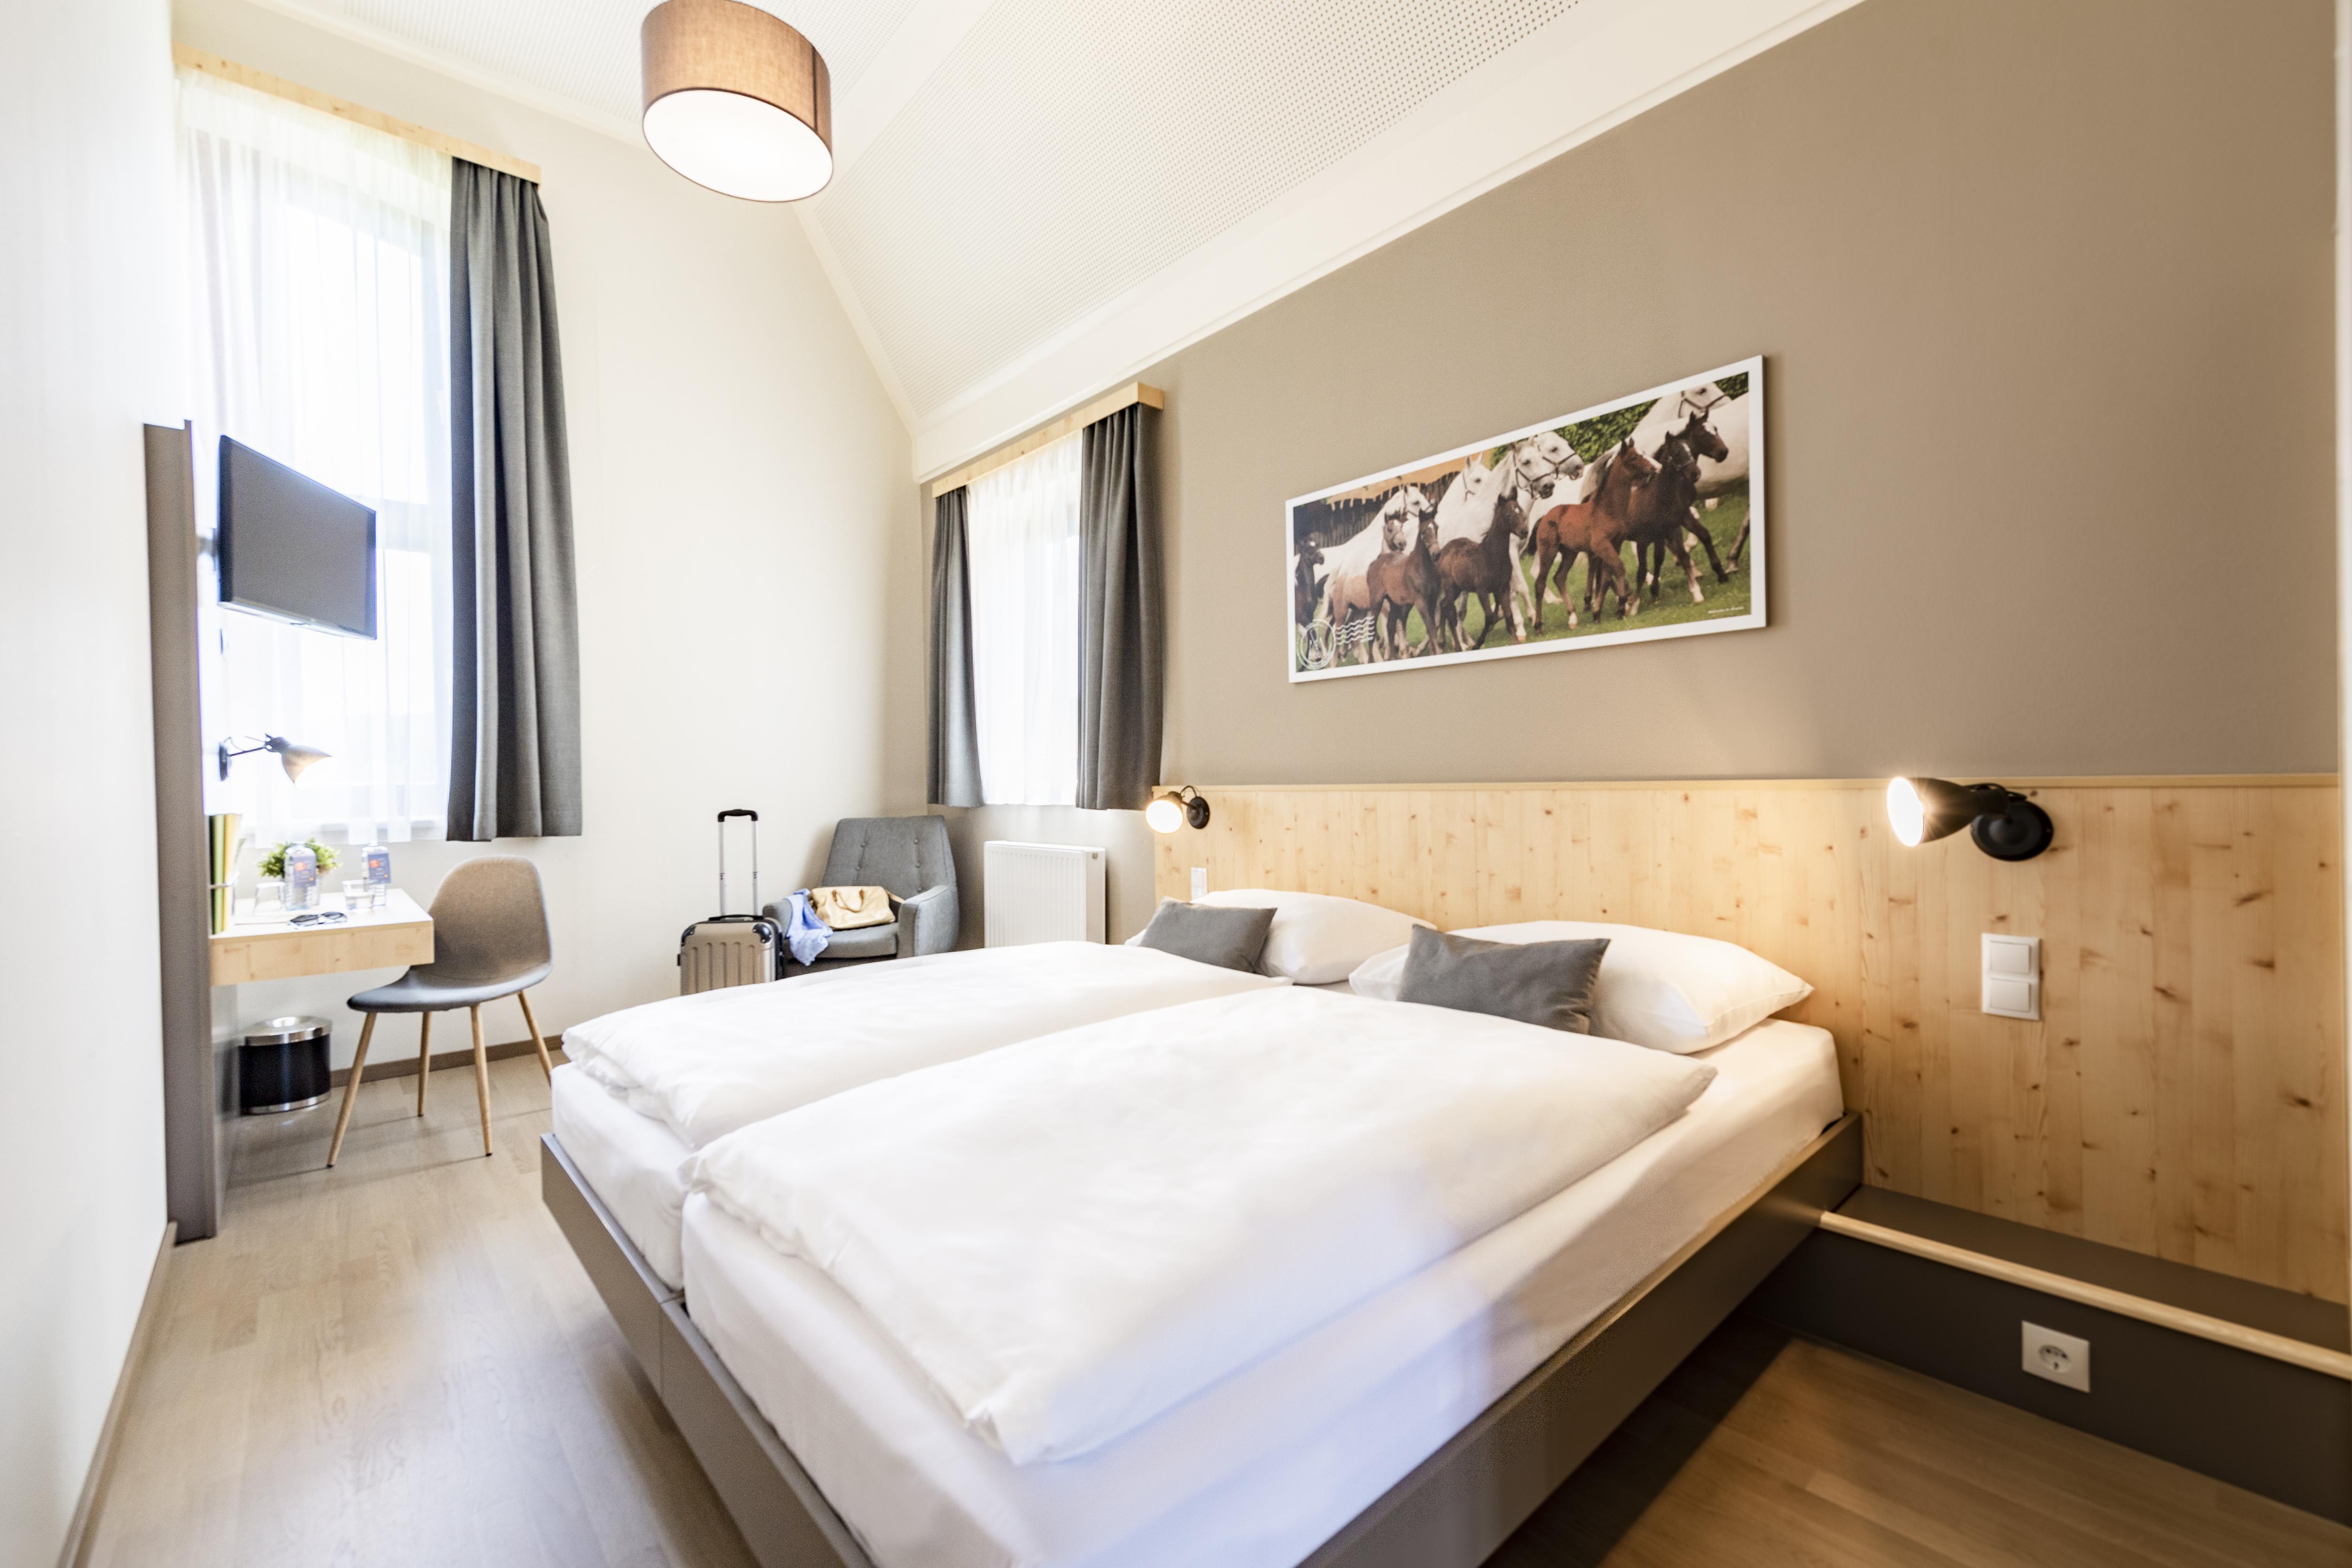 Sie sehen ein Doppelbett in einem Doppelzimmer im JUFA Hotel Maria Lankowitz mit Fernseher. JUFA Hotels bietet tollen Sommerurlaub an schönen Seen für die ganze Familie.